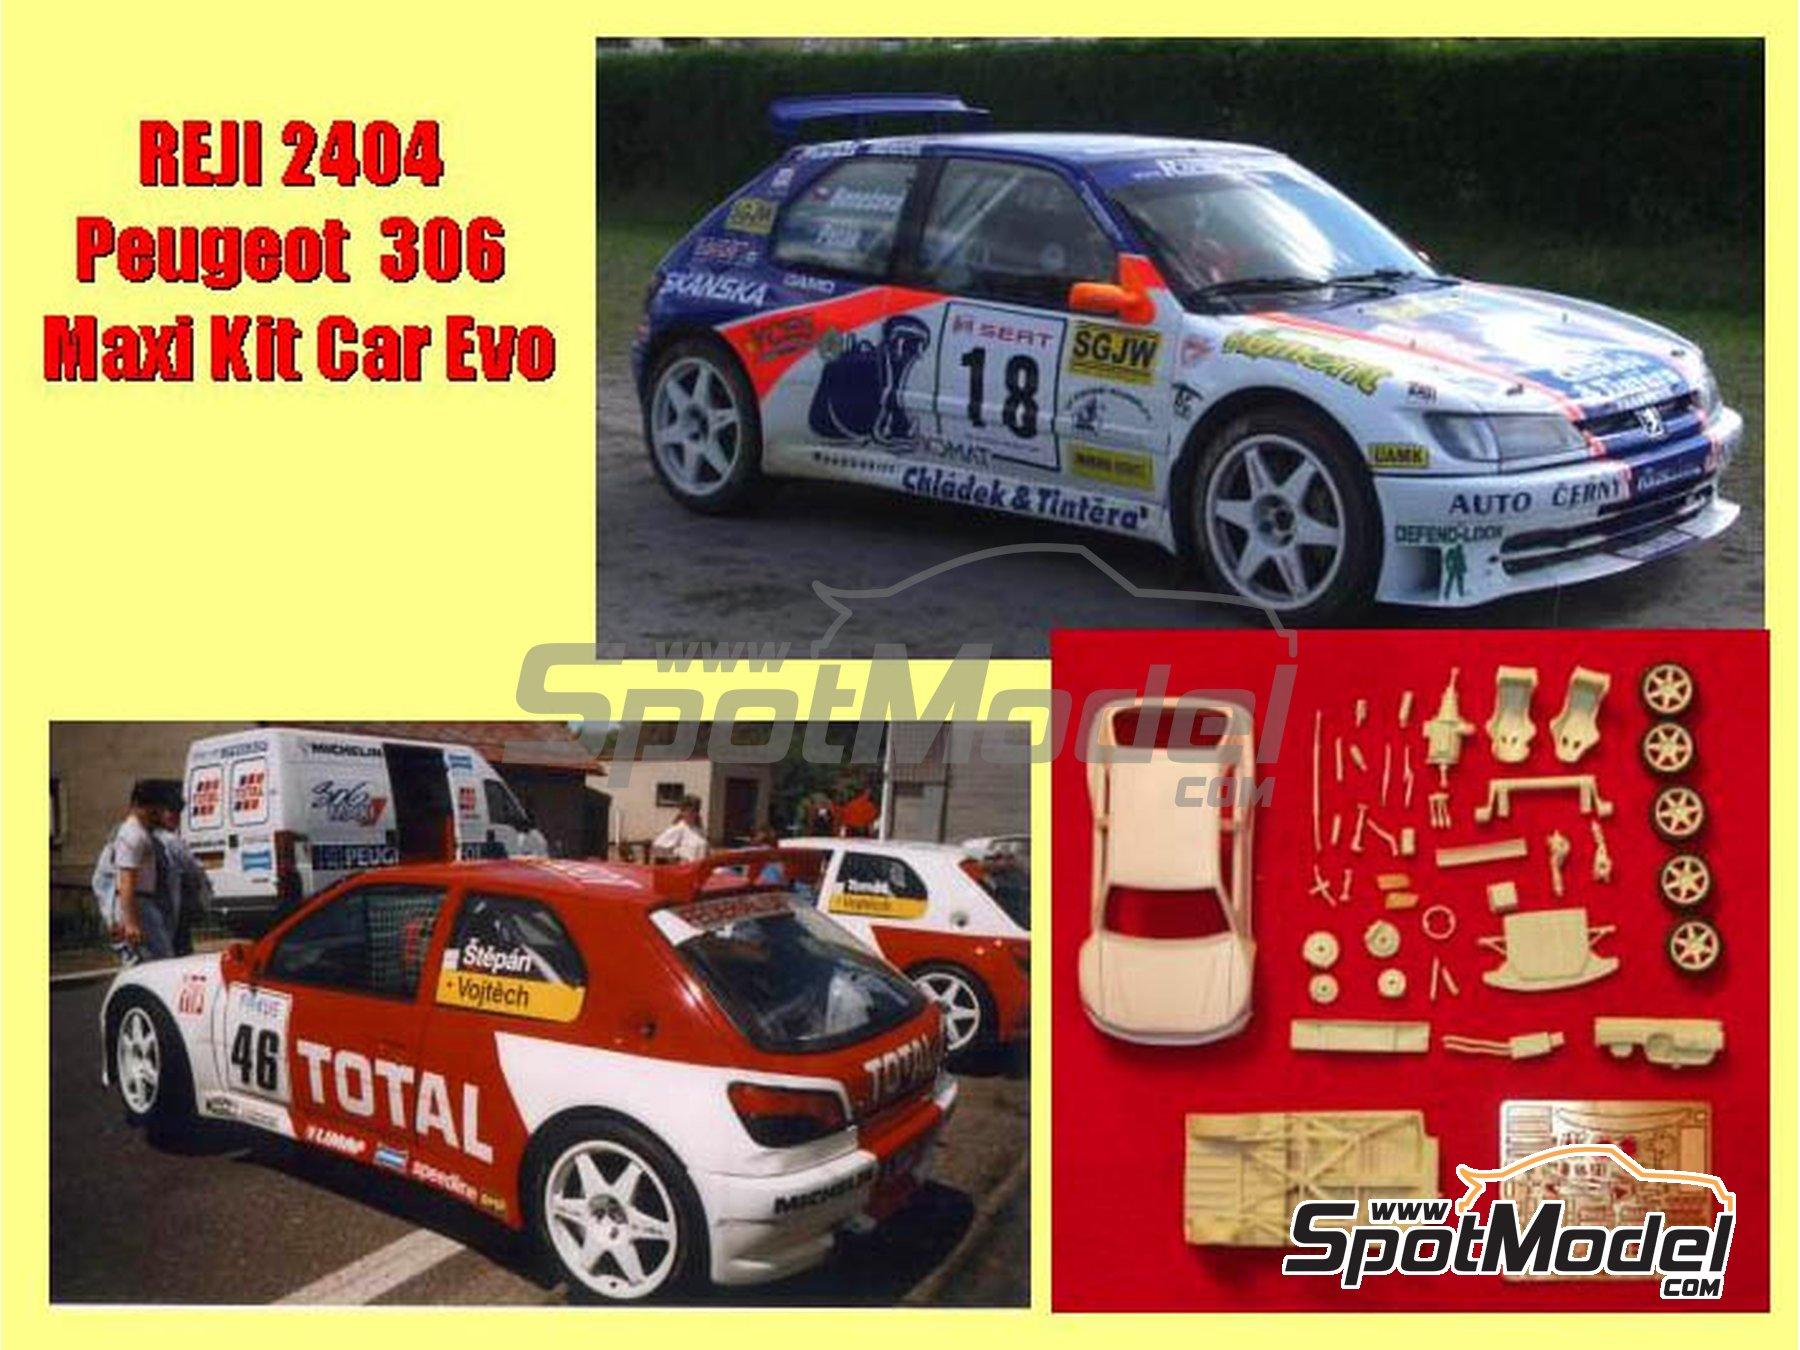 Image 2: Peugeot 306 Maxi Kit Car Evo Total - Rally Barum de la Republica Checa 2004 | Maqueta de coche en escala1/24 fabricado por Reji Model (ref.REJI-2404, tambien 2404)